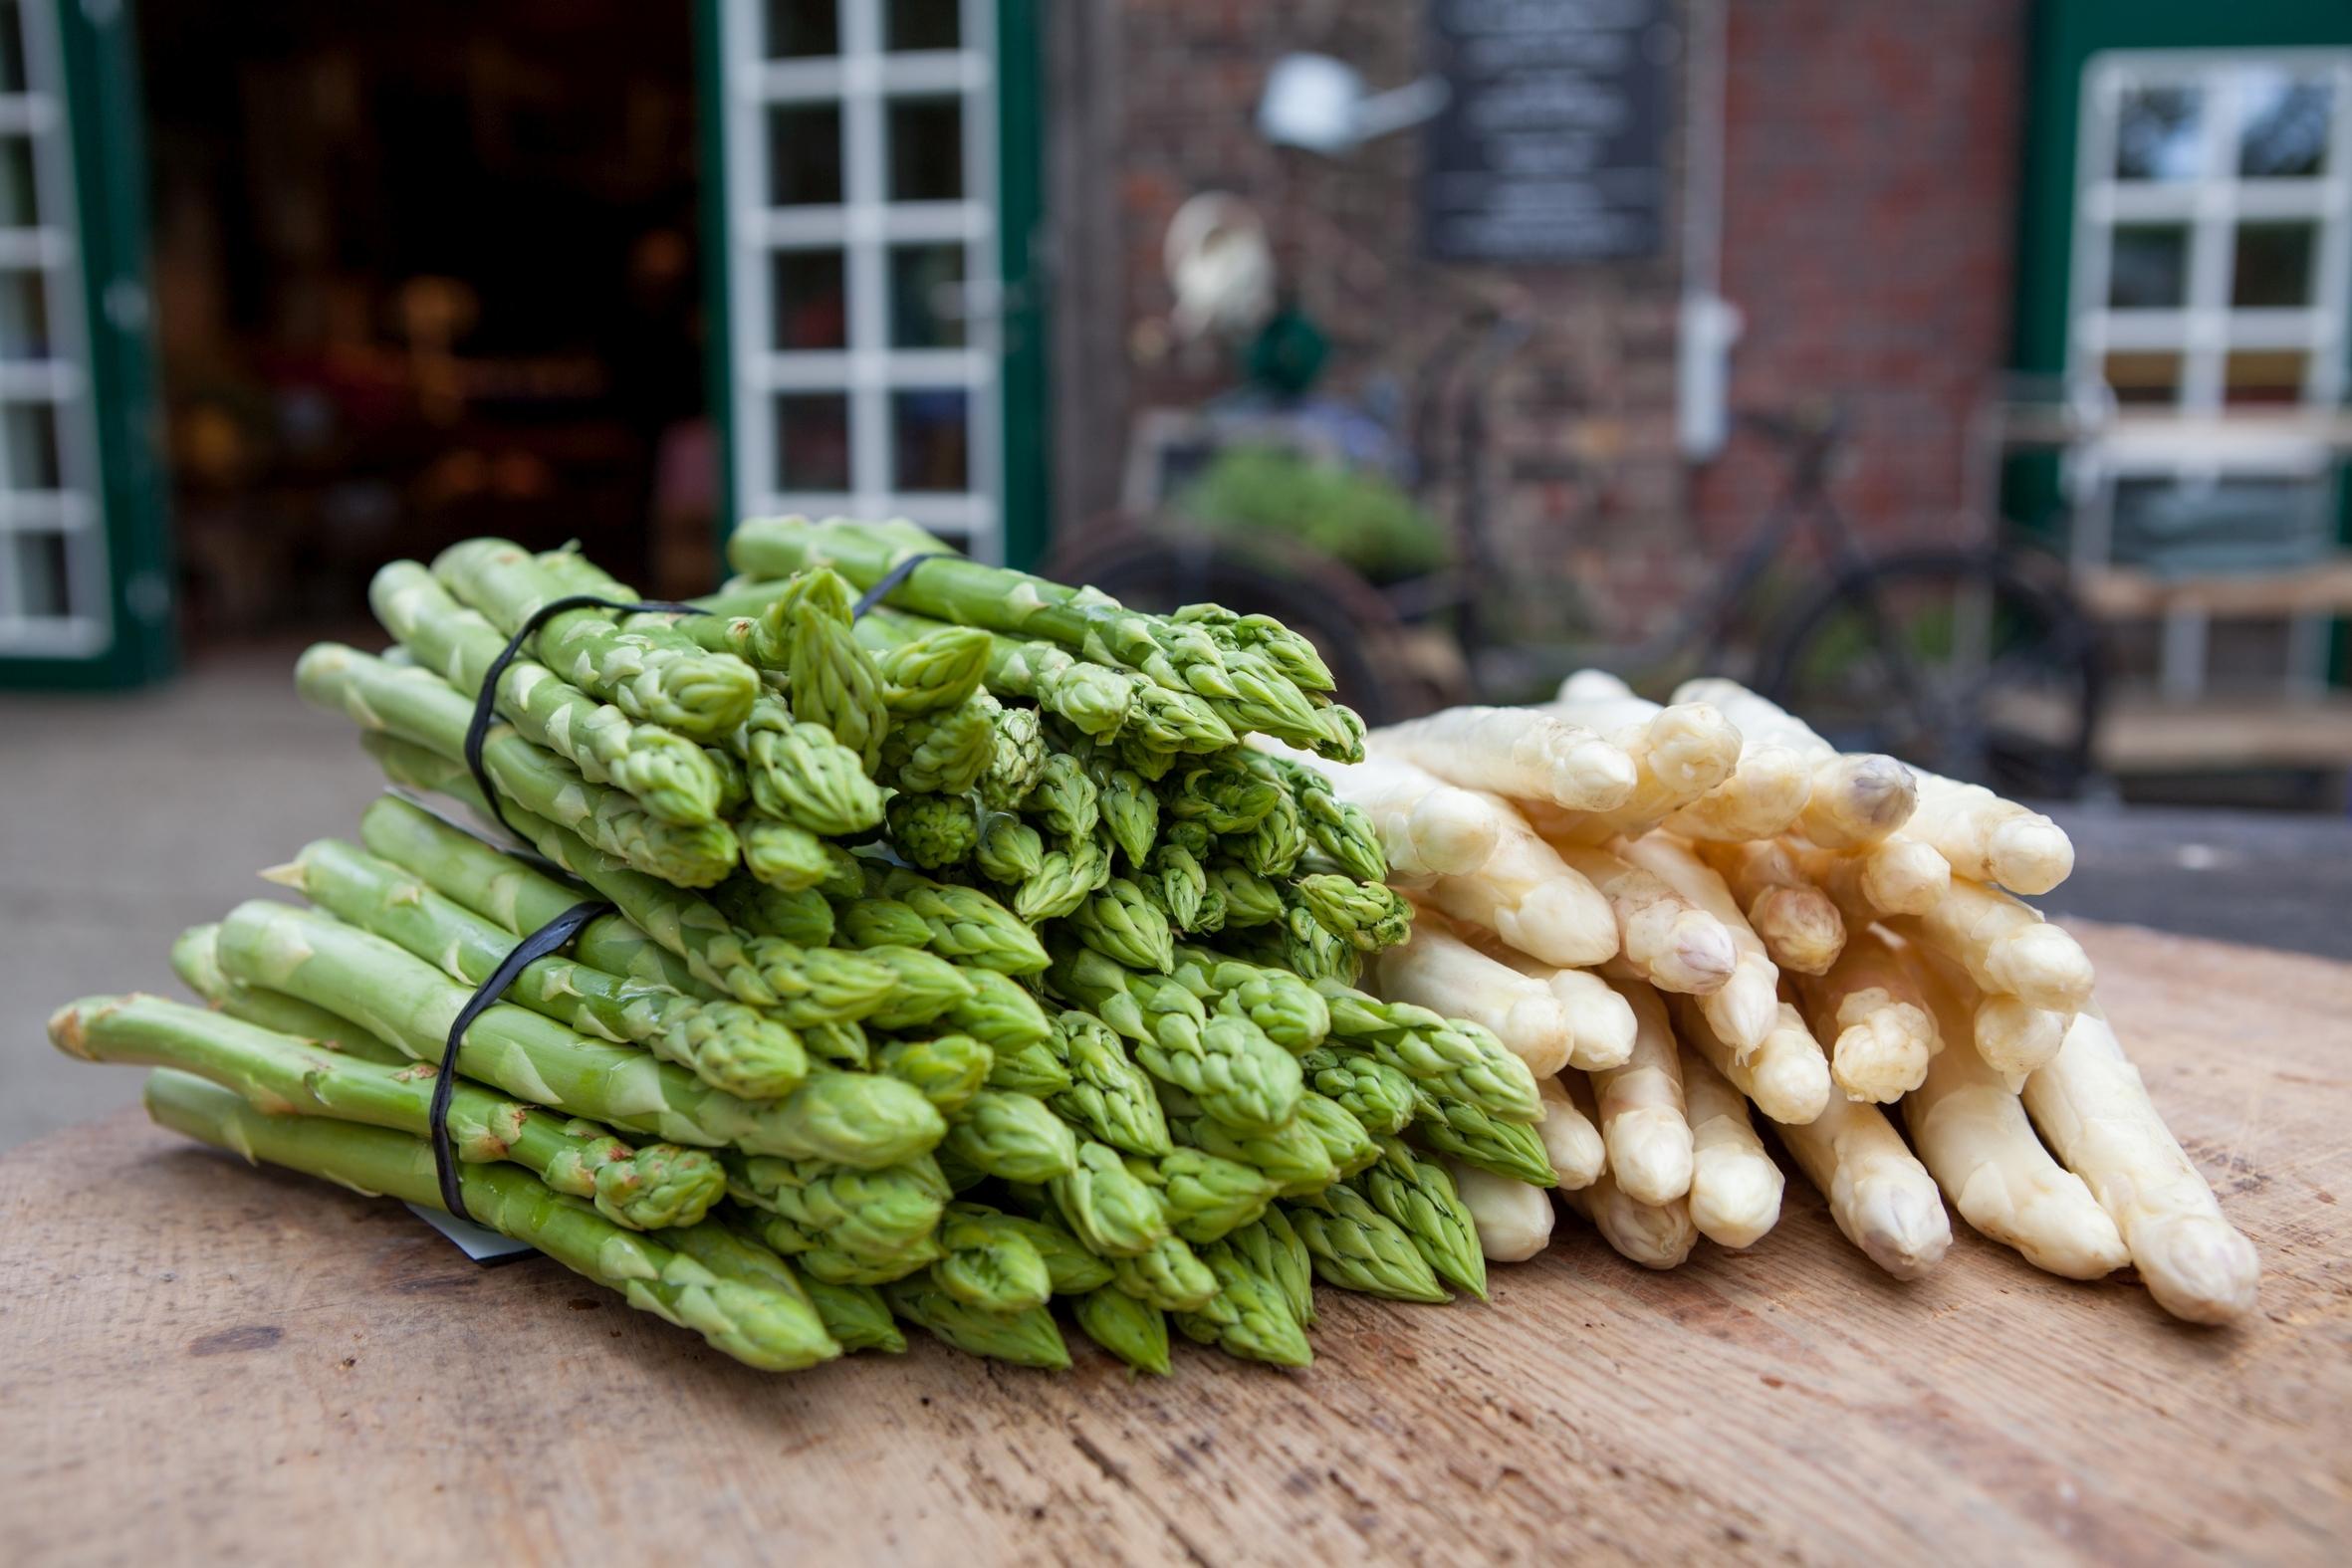 Der kräftige Verwandte: Mit grünem Spargel wird die Saison abwechslungsreicher